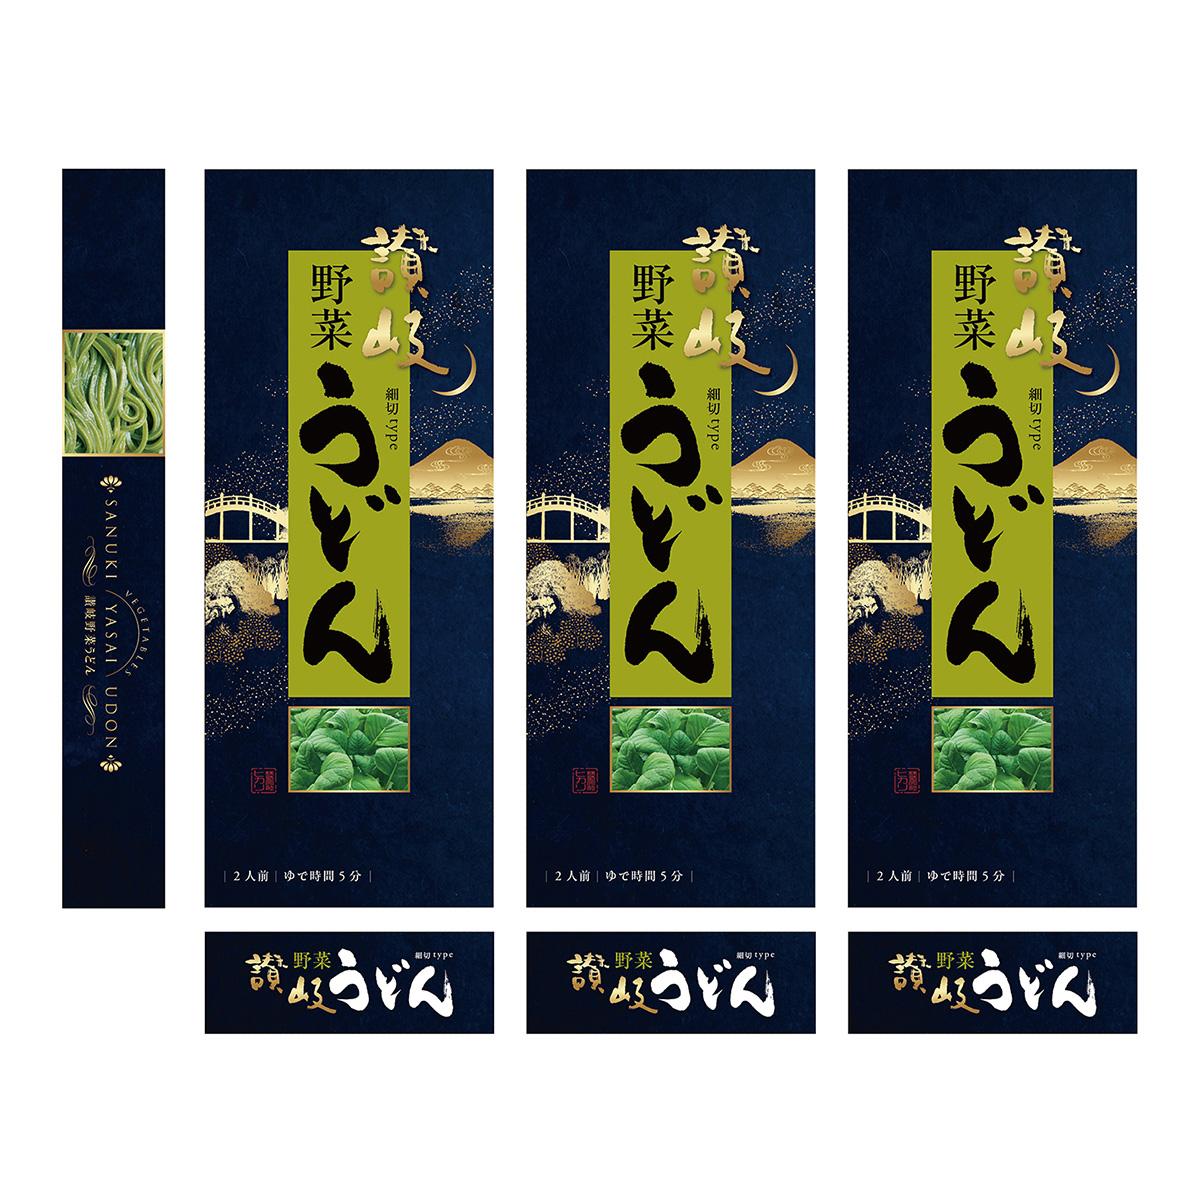 株式会社ヒカリ 讃岐野菜うどん パッケージ